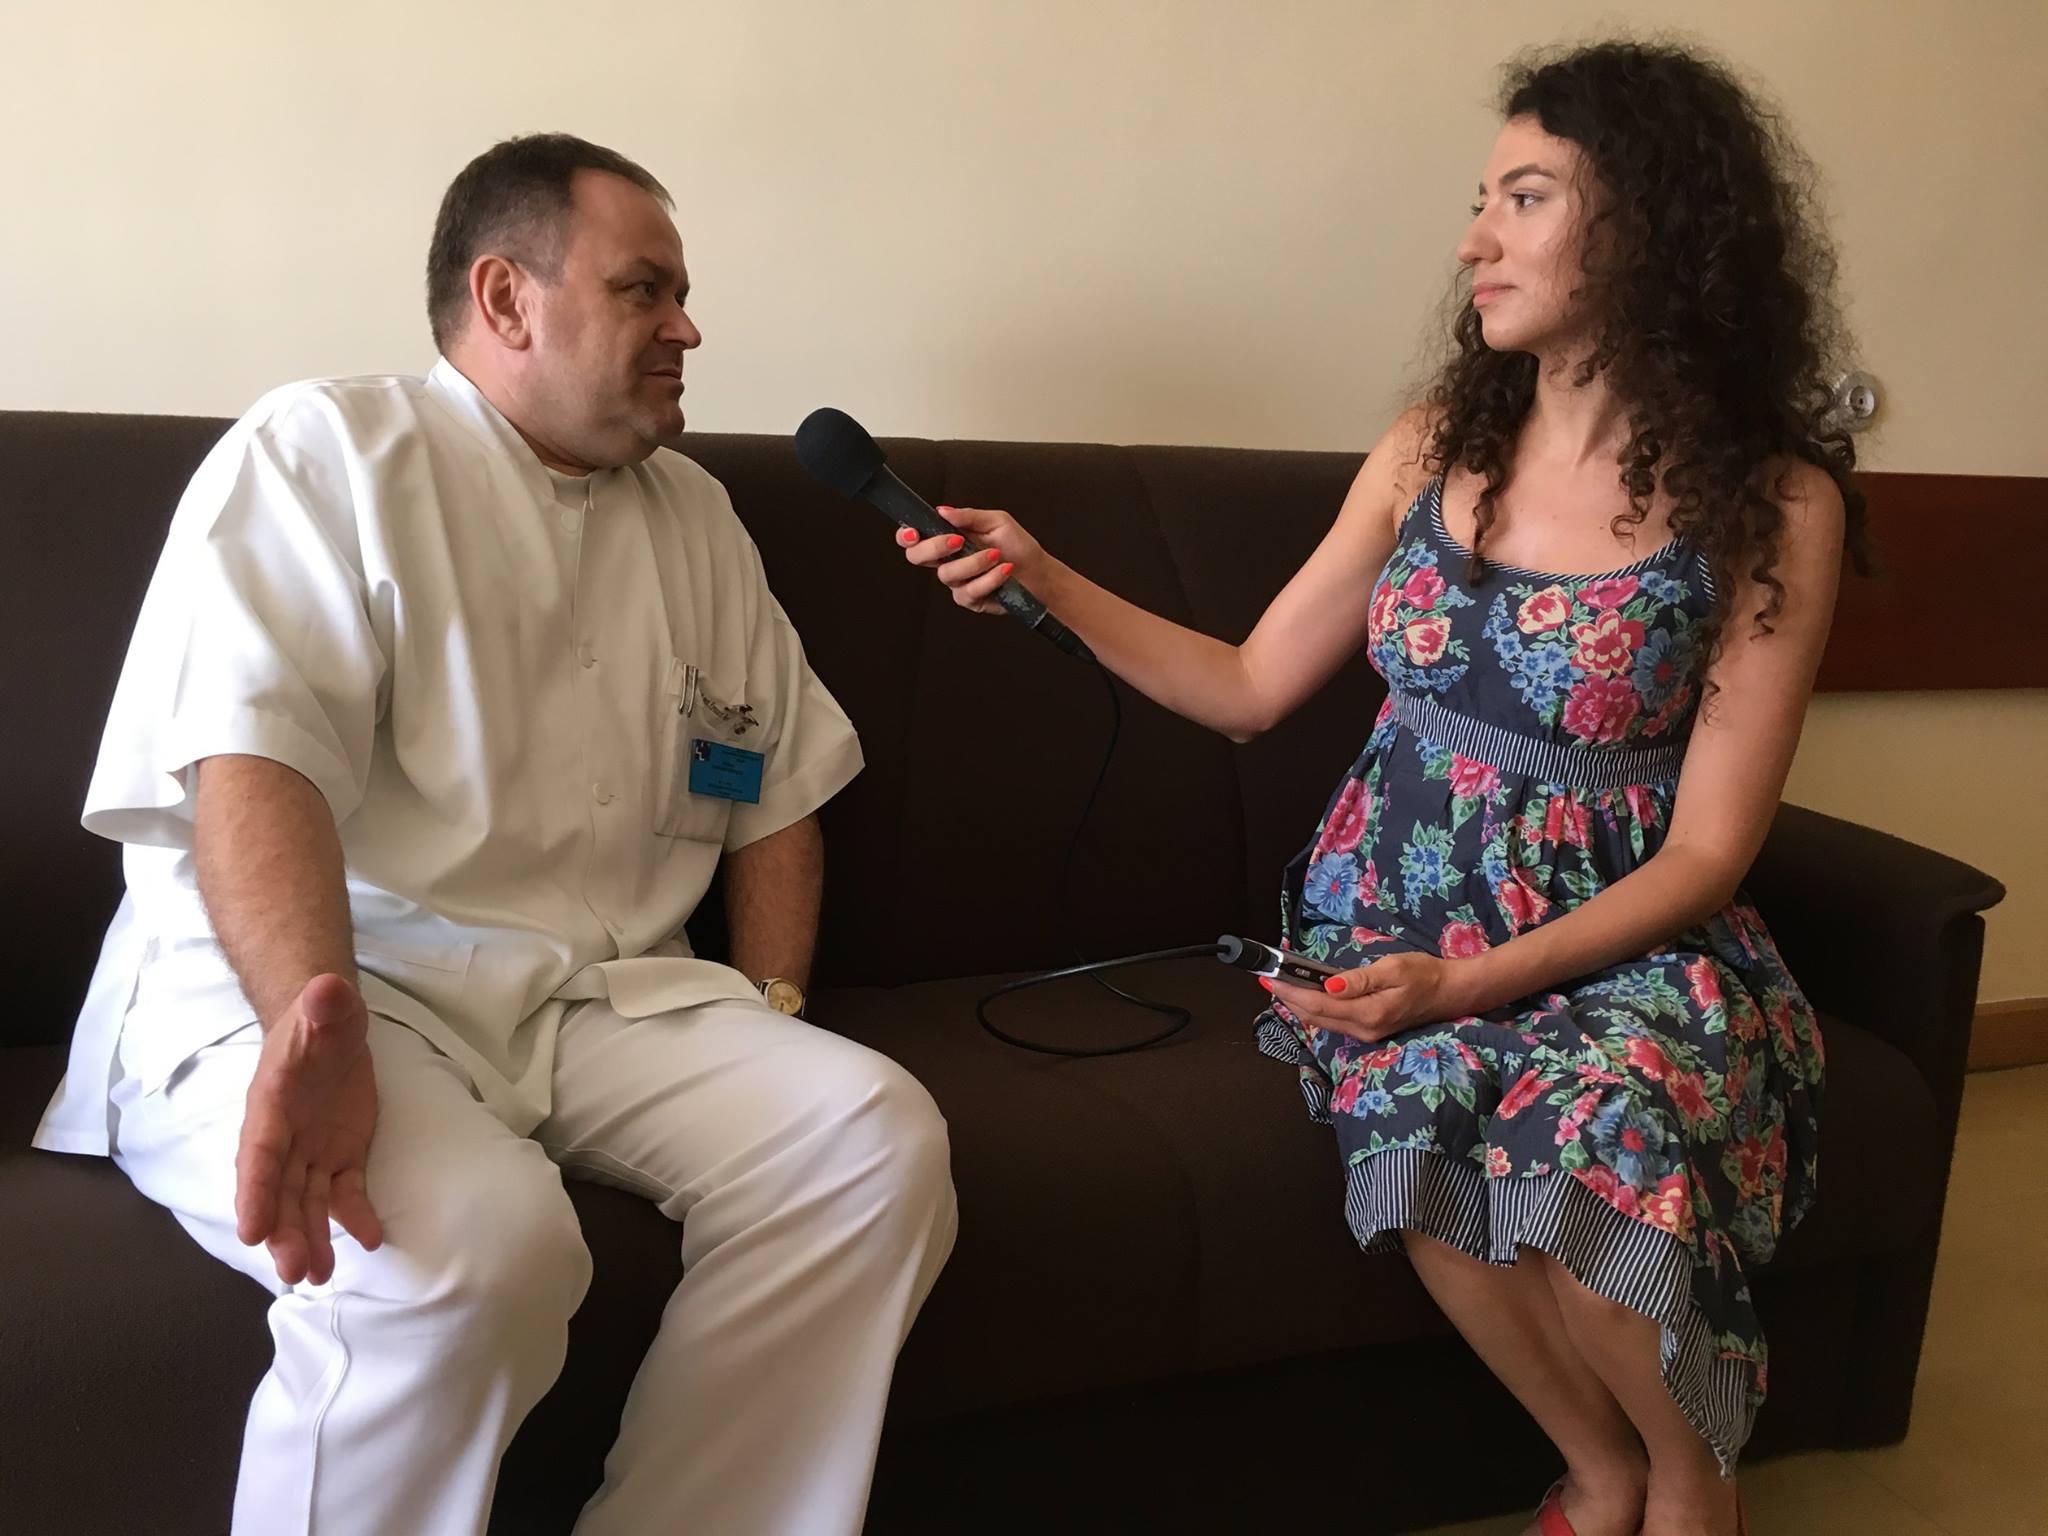 Dr n. med. Ryszard Noparlik w rozmowie z Katarzyną Zawadzką [fot. Małgorzata Lis-Skupińska]